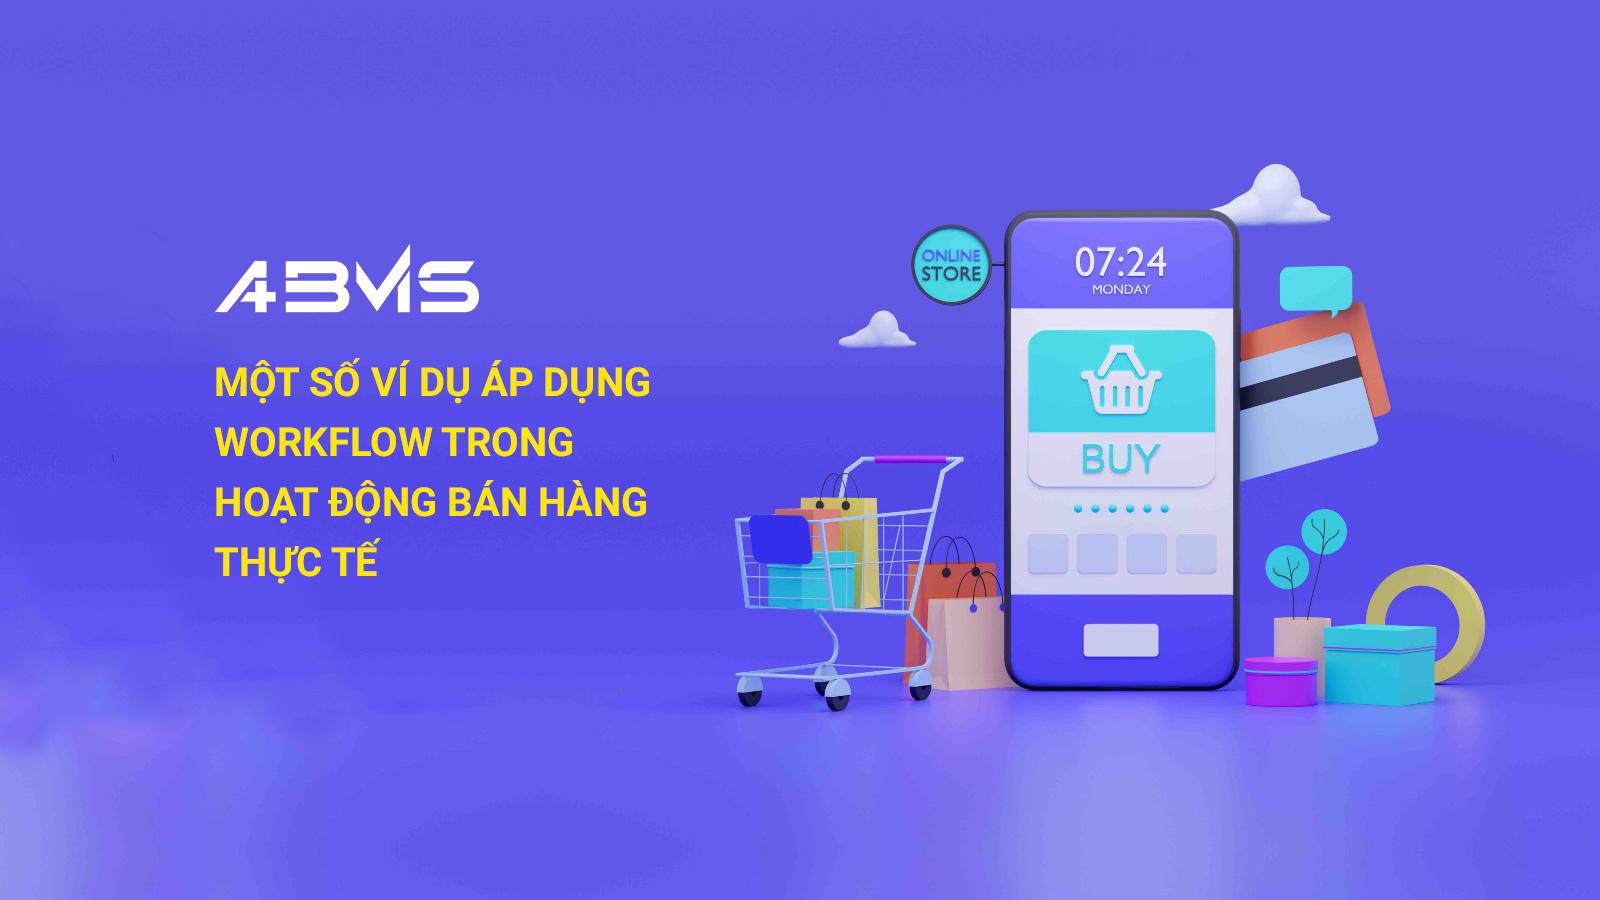 ABMS phần mềm quản lý doanh nghiệp hiệu quả